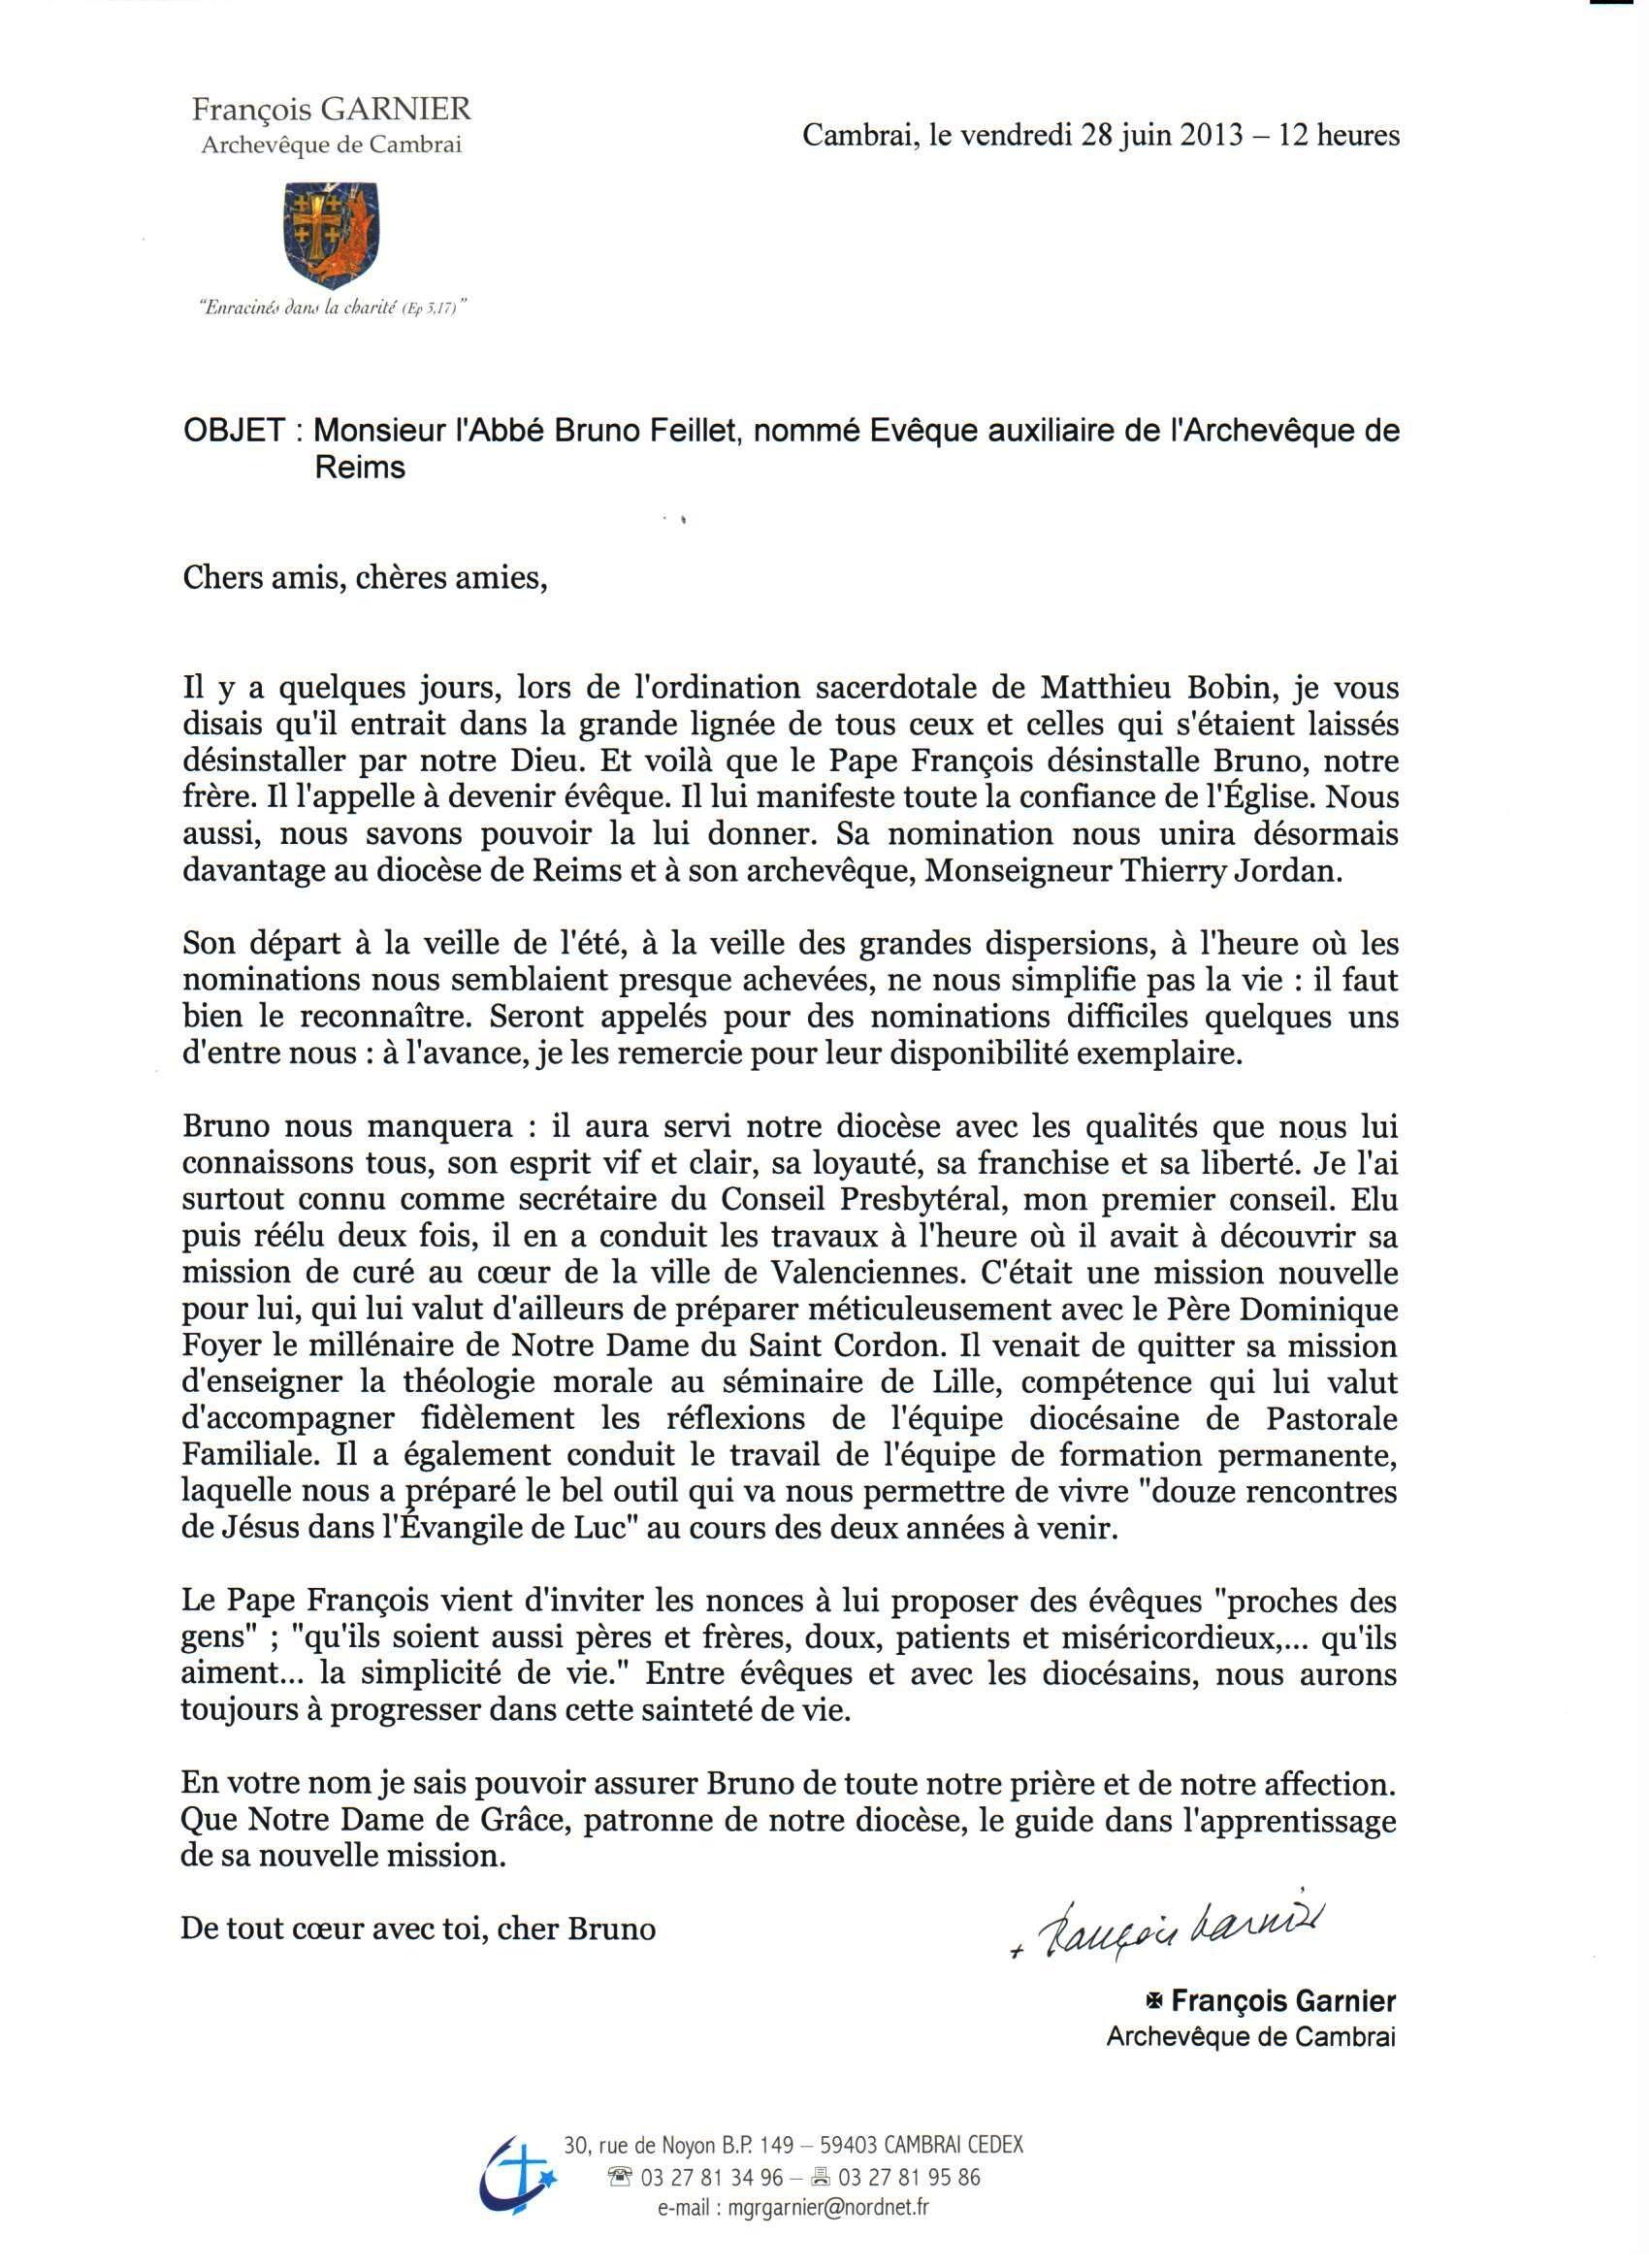 Lettre de Monseigneur Garnier